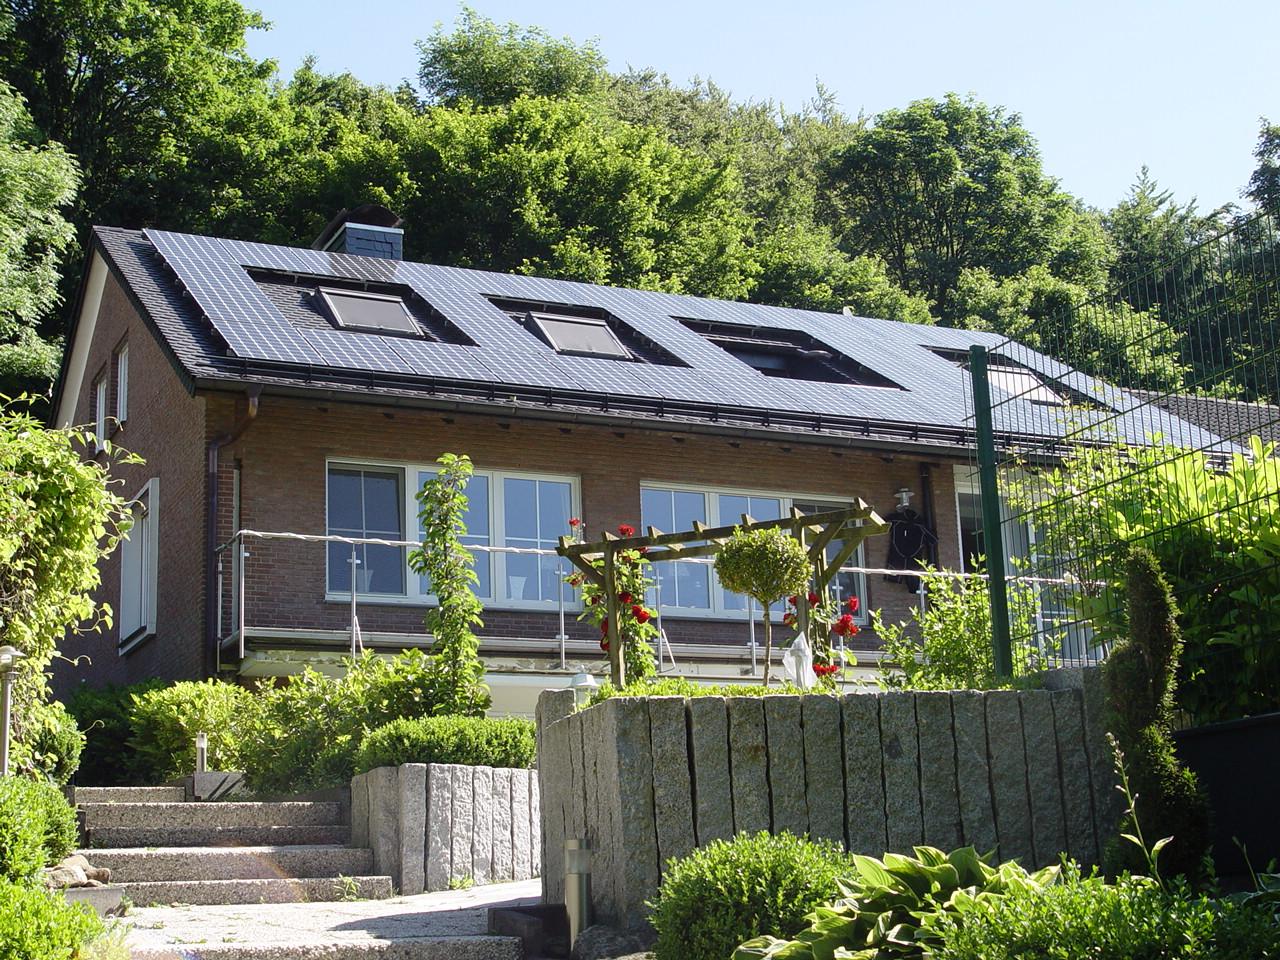 Henke Dachdecker - Solarstrom-Anlagen mit einer Leistung von maximal zehn Kilowatt sind von der EEG-Umlage auf den Eigenverbrauch von Solarstrom ausgenommen